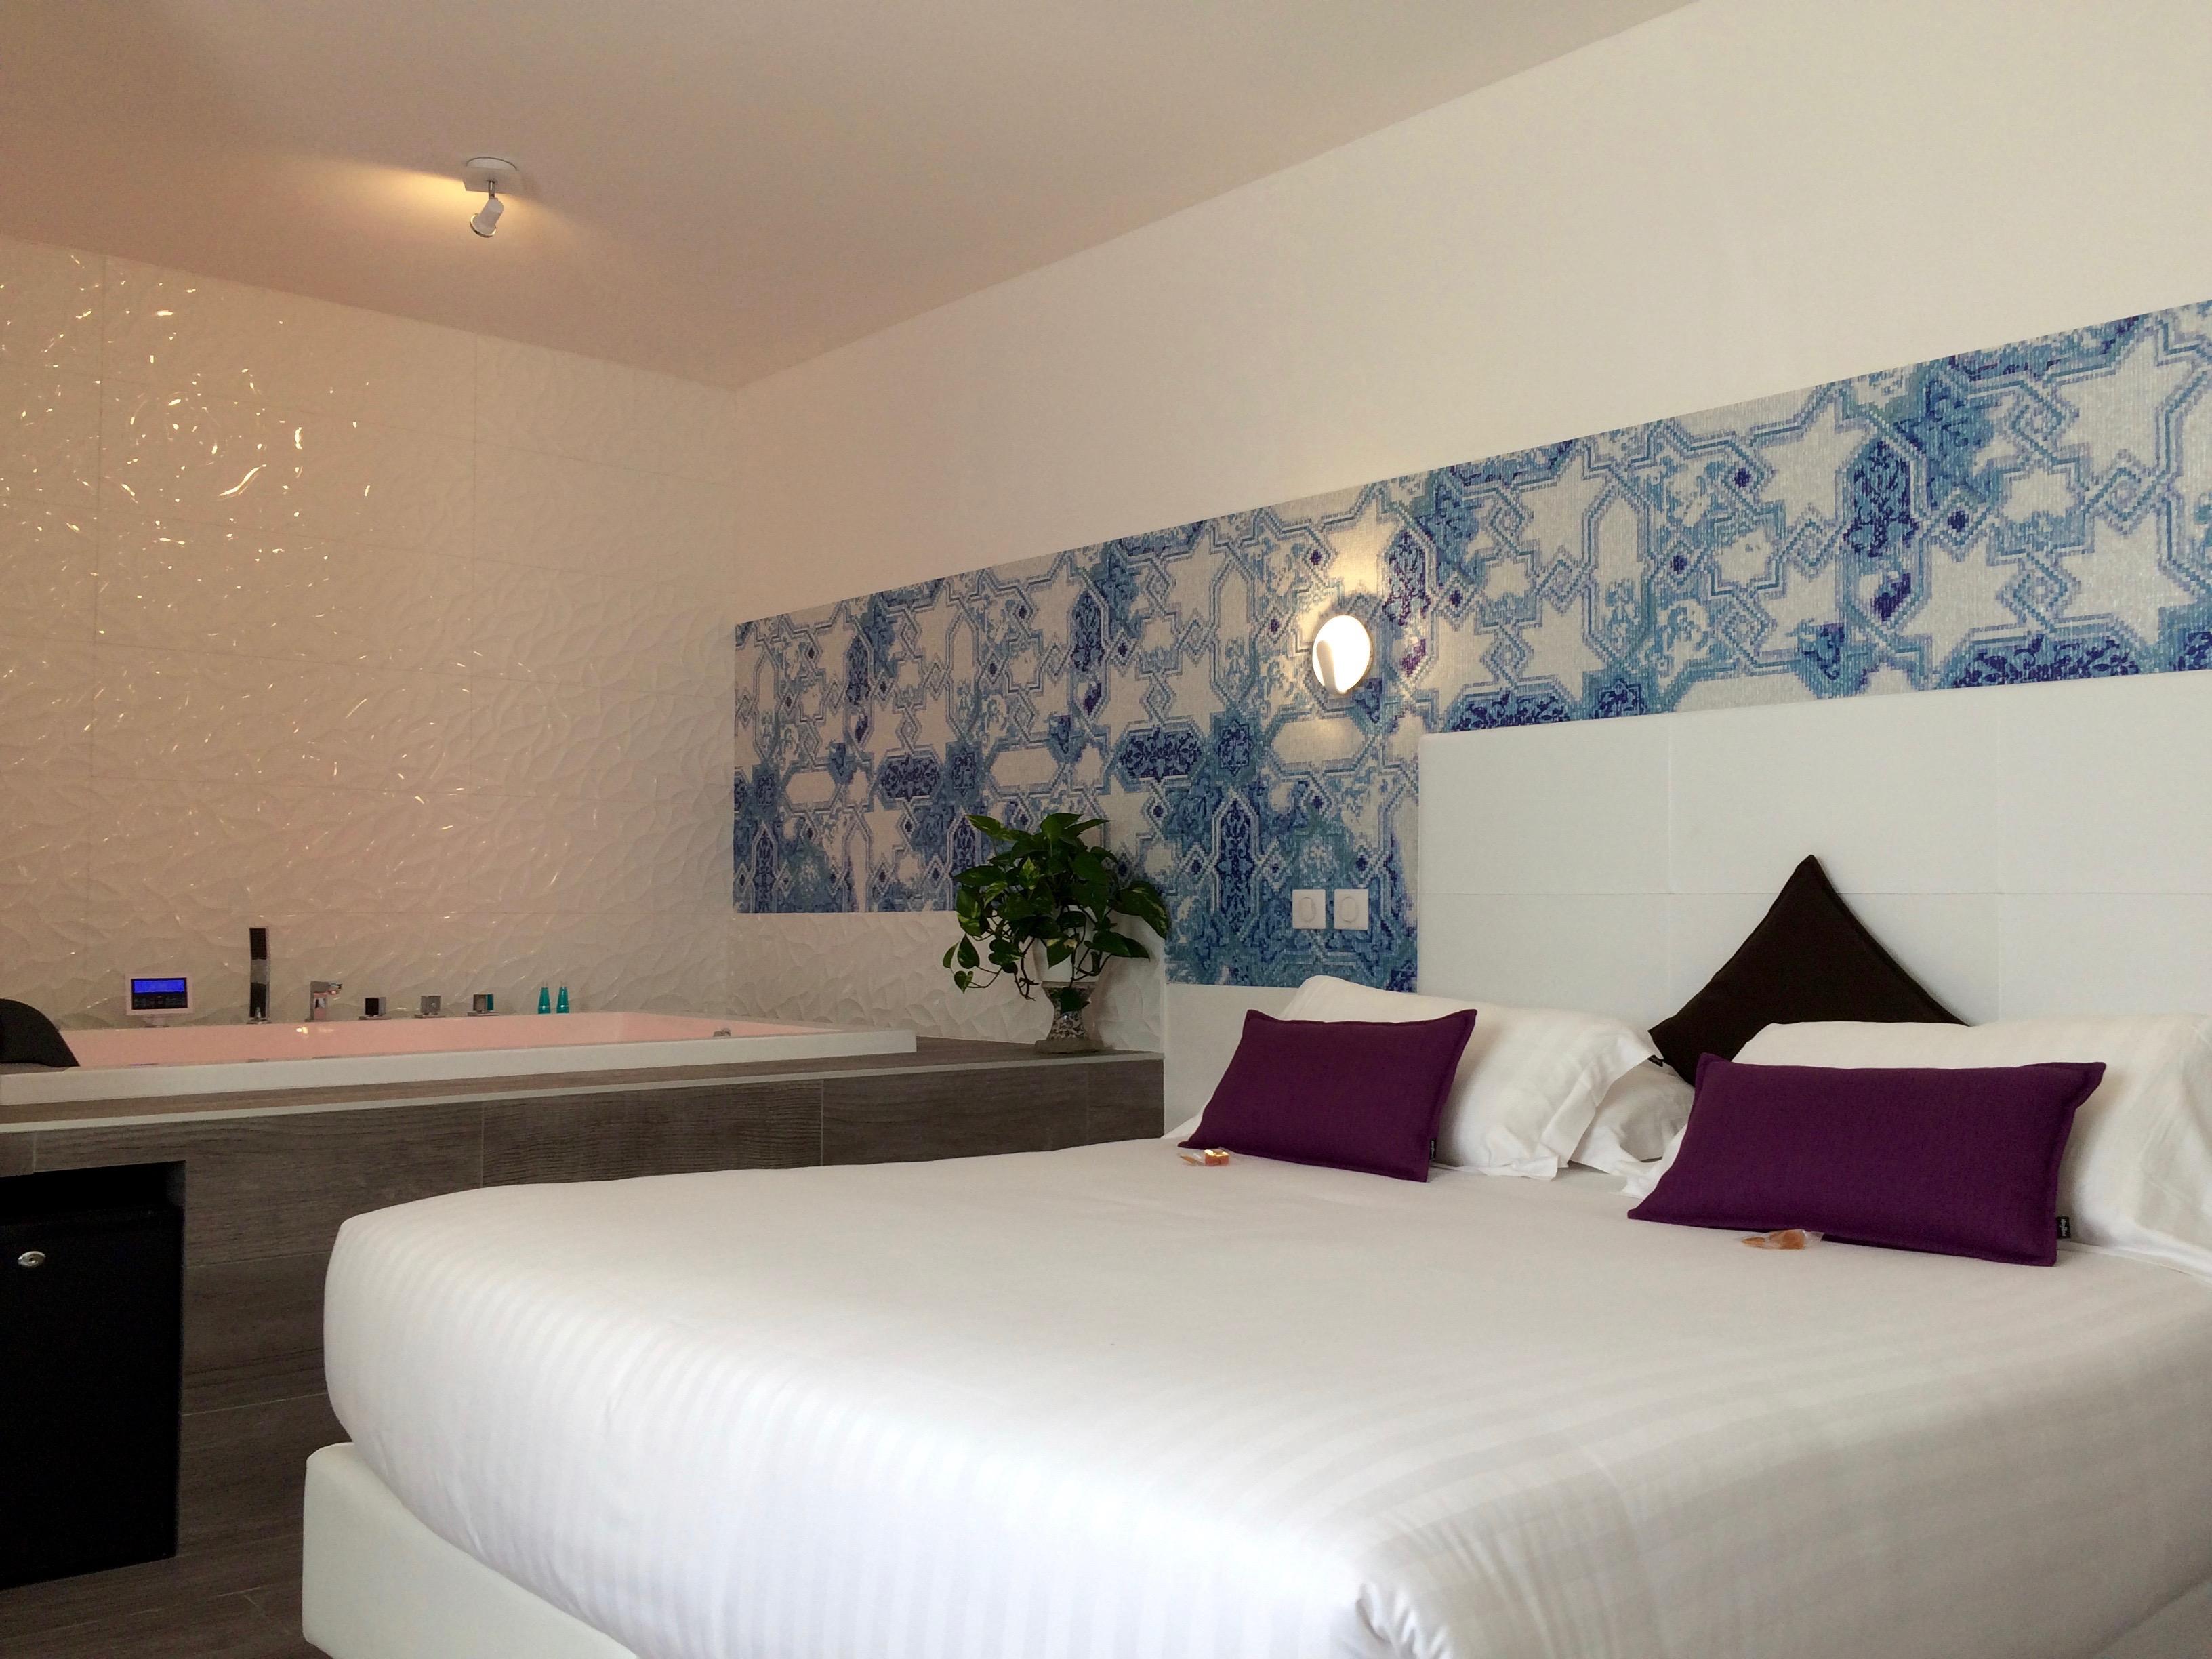 Chambre D Hotel Avec Jacuzzi Spa Prive Privatif Dans La